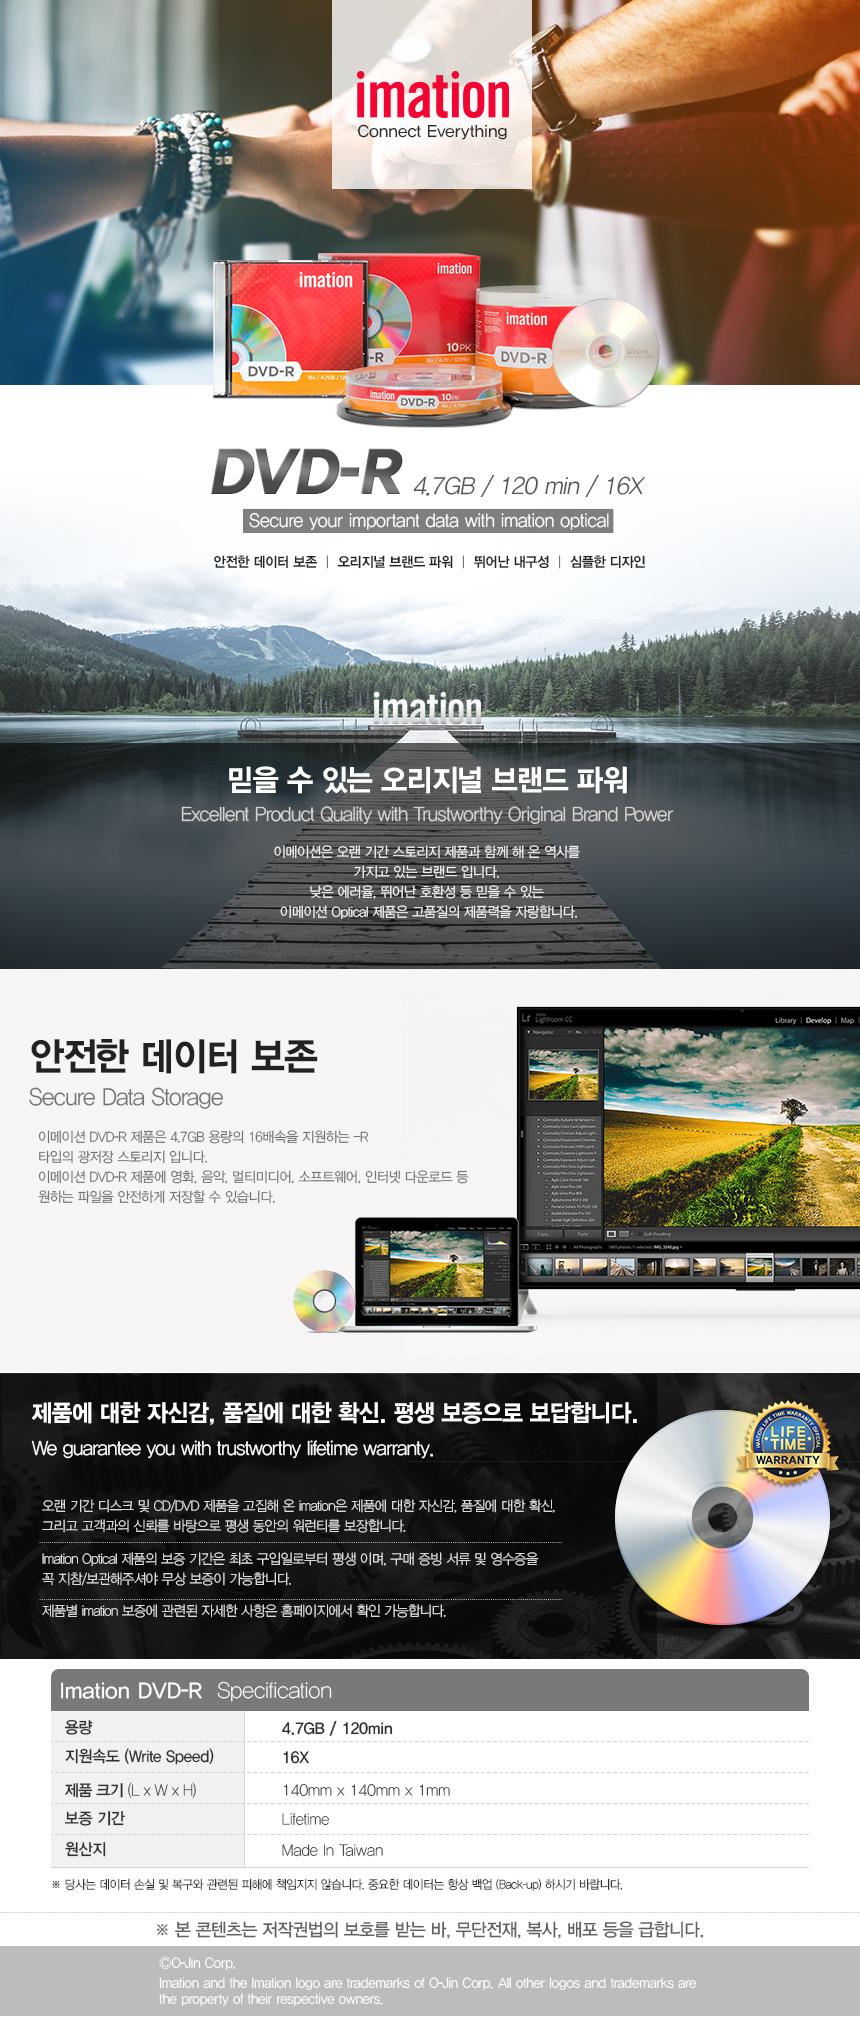 이메이션 DVD-R 4.7GB 16x 슬림 (10장)